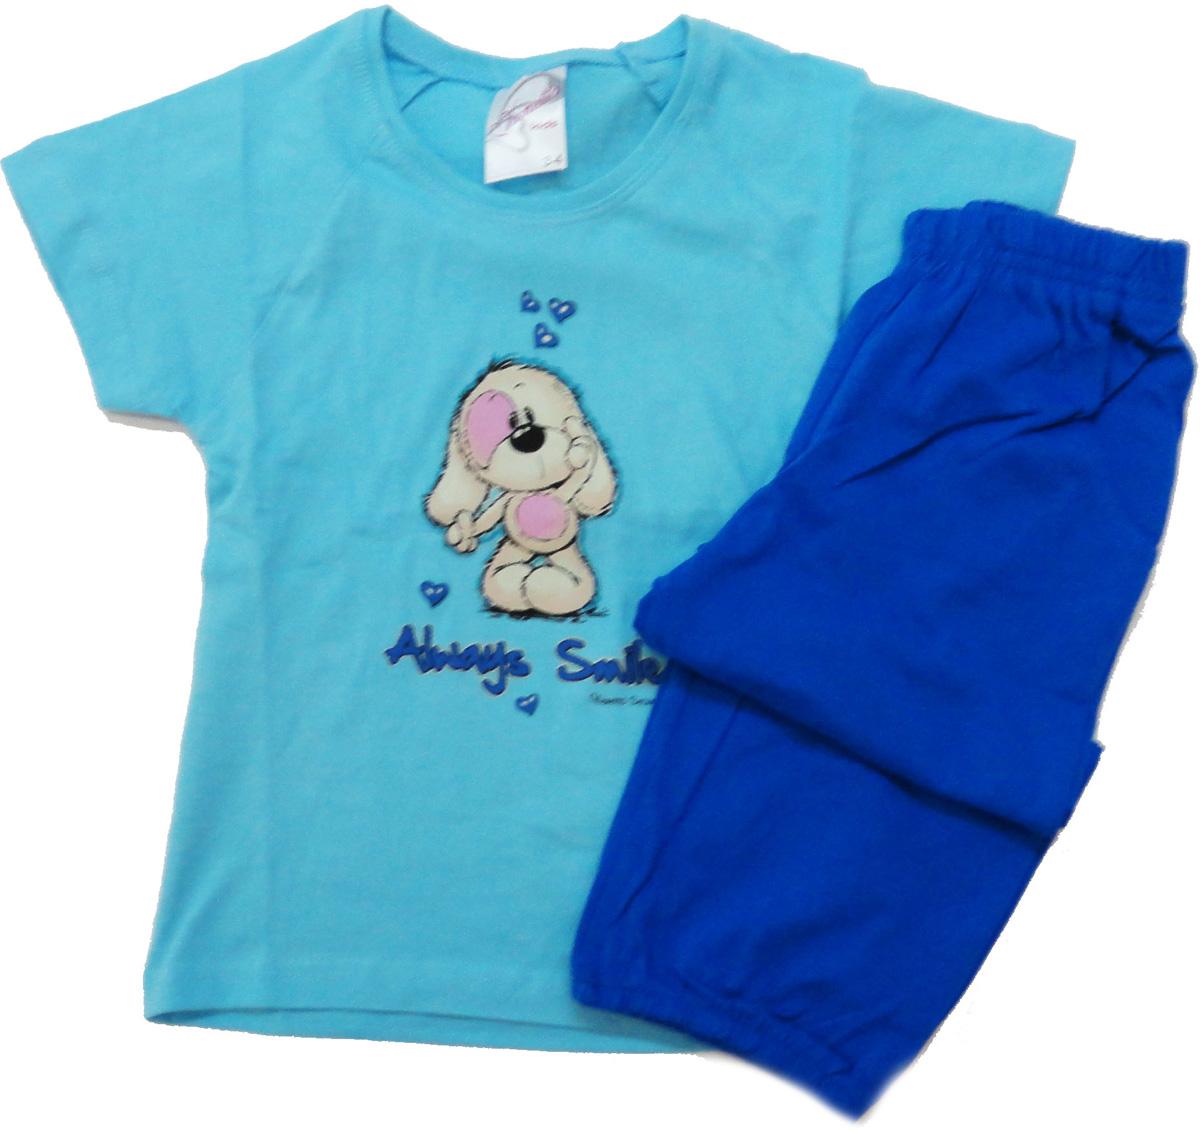 Комплект домашний для девочки Vienettas Secret Собачка Always Smile: капри, футболка, цвет: бирюзовый, голубой. 9050057. Размер 104, 4 года9050057Комплект домашний для девочки Vienettas Secret изготовлен из натурального хлопка с ярким принтом, состоящий из капри и футболки, идеально подойдет вашей маленькой принцессе. Предметы комплекта очень мягкие на ощупь, не раздражают даже самую нежную и чувствительную кожу ребенка и хорошо вентилируются.